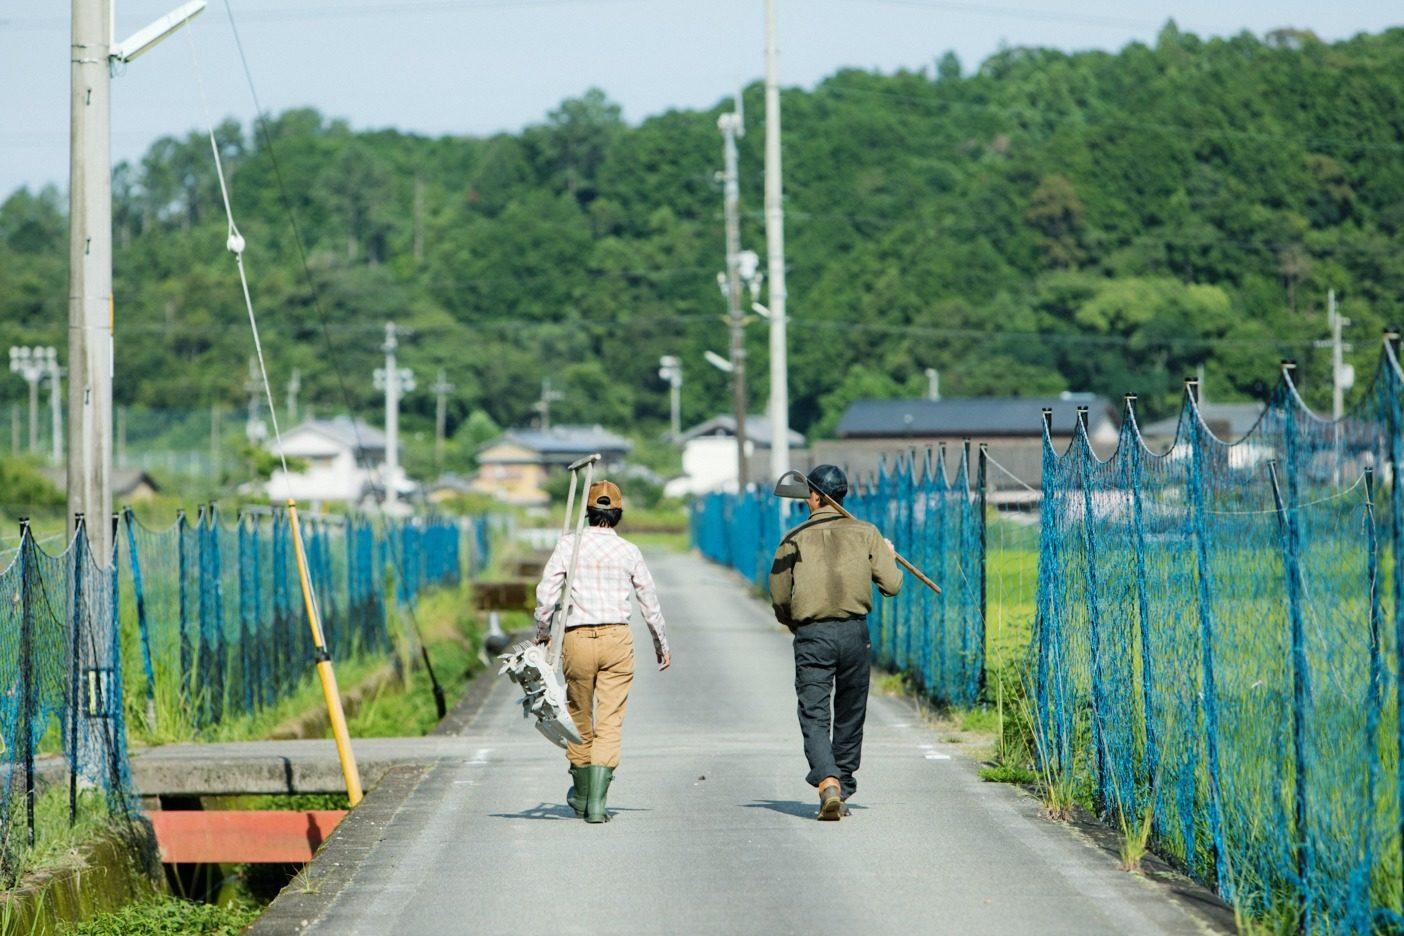 夫婦で仲良く田んぼに向かう。美子さんが持っているのは、昔ながらの手押しの除草機。この時期に欠かせない農具の一つだ。写真:五十嵐 一晴